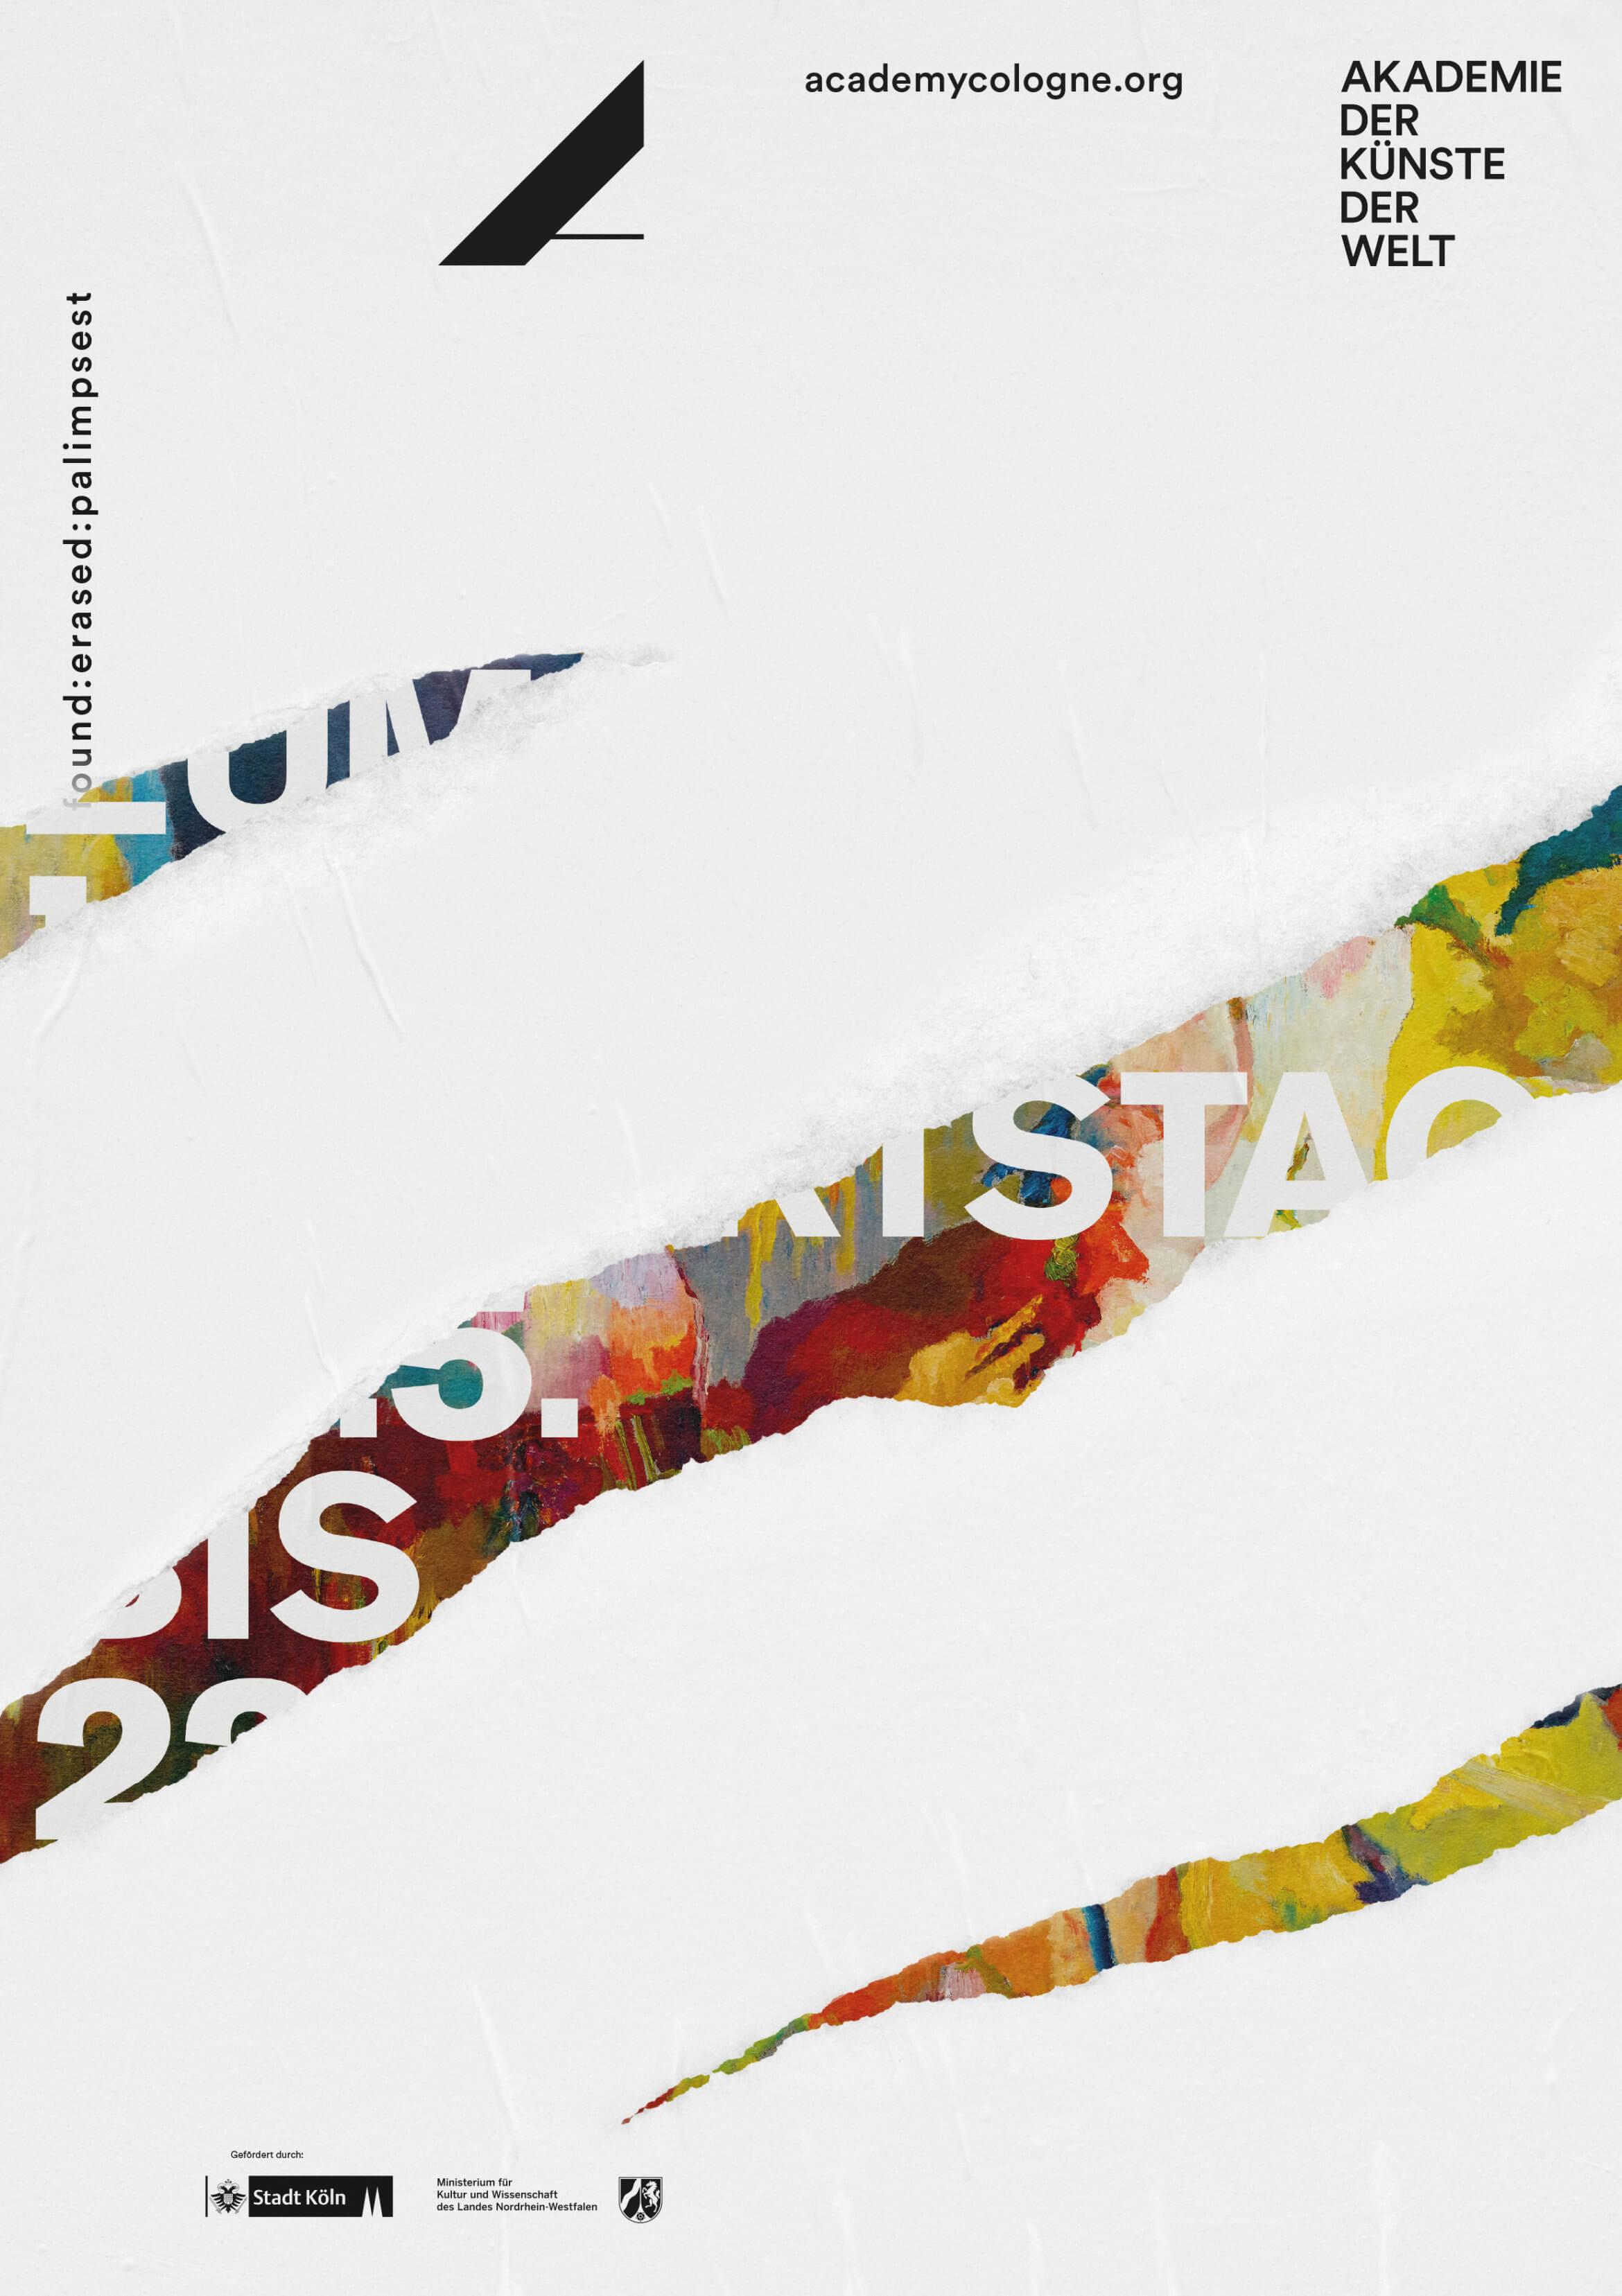 Buero_Freiheit_Akademie_der_Kuenste_der_Welt_Kampagne_Poster_found_erased_palimpset_Museum_Ludwig_2 Akademie der Künste der Welt / Köln